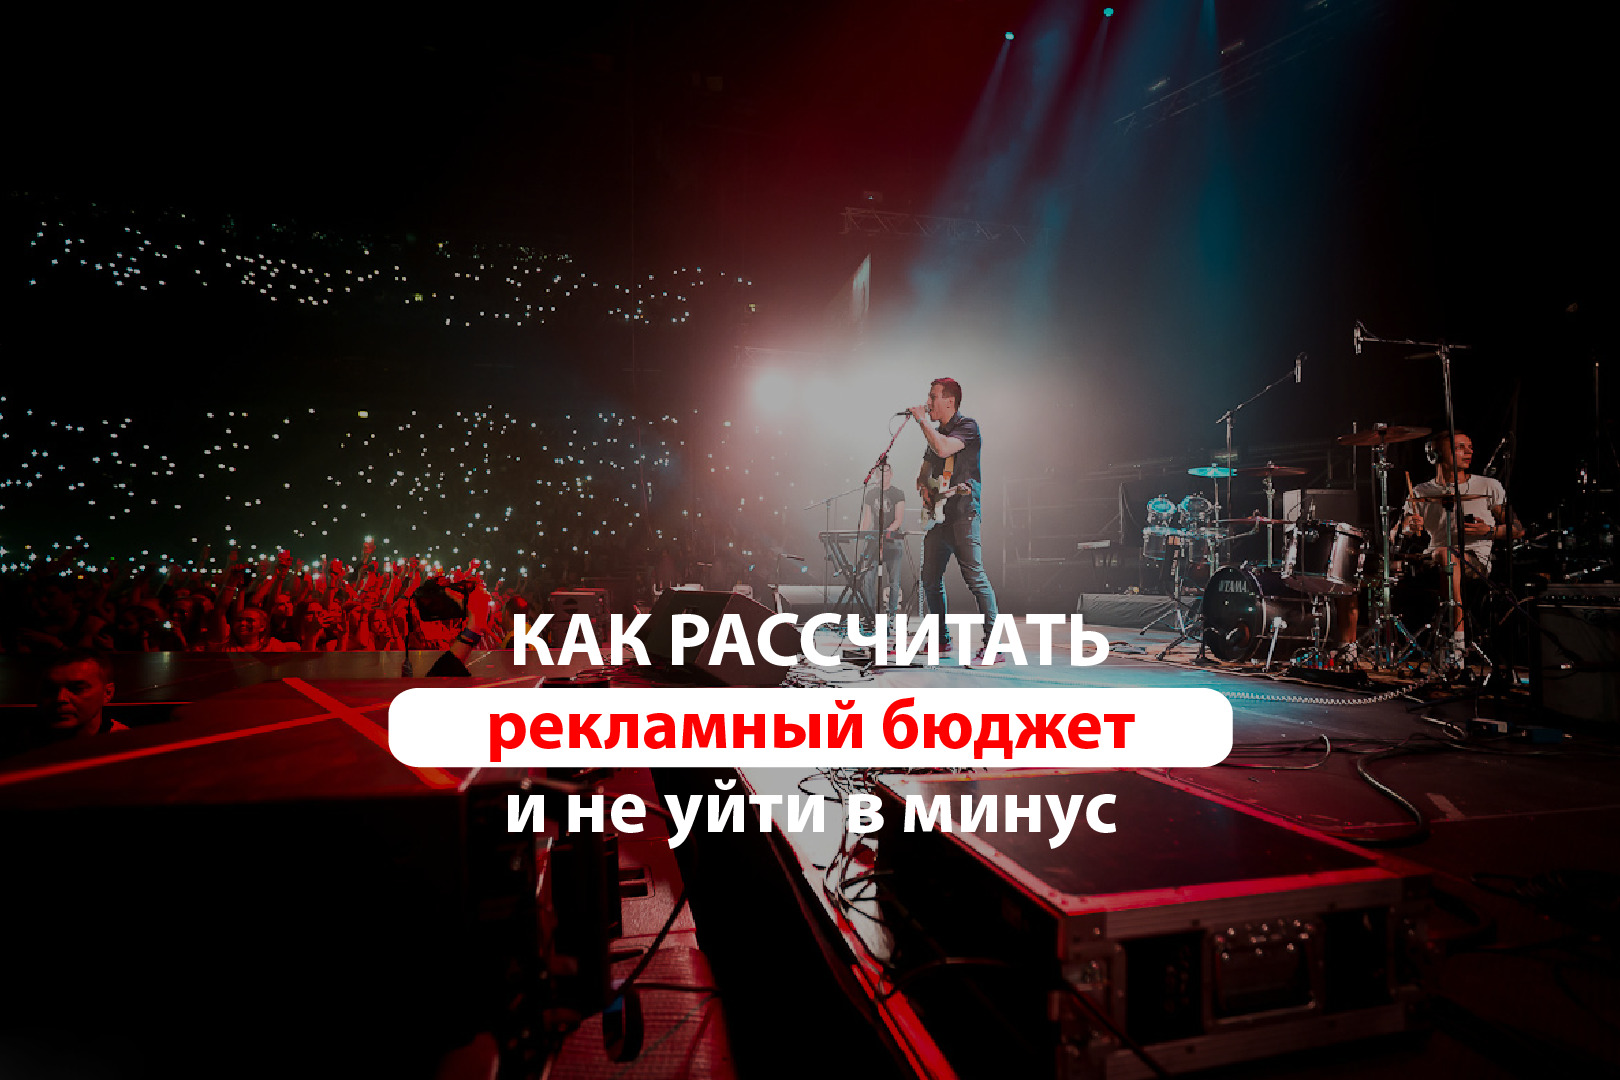 Как рассчитать рекламный бюджет компании и не уйти в минус на 80 000 рублей